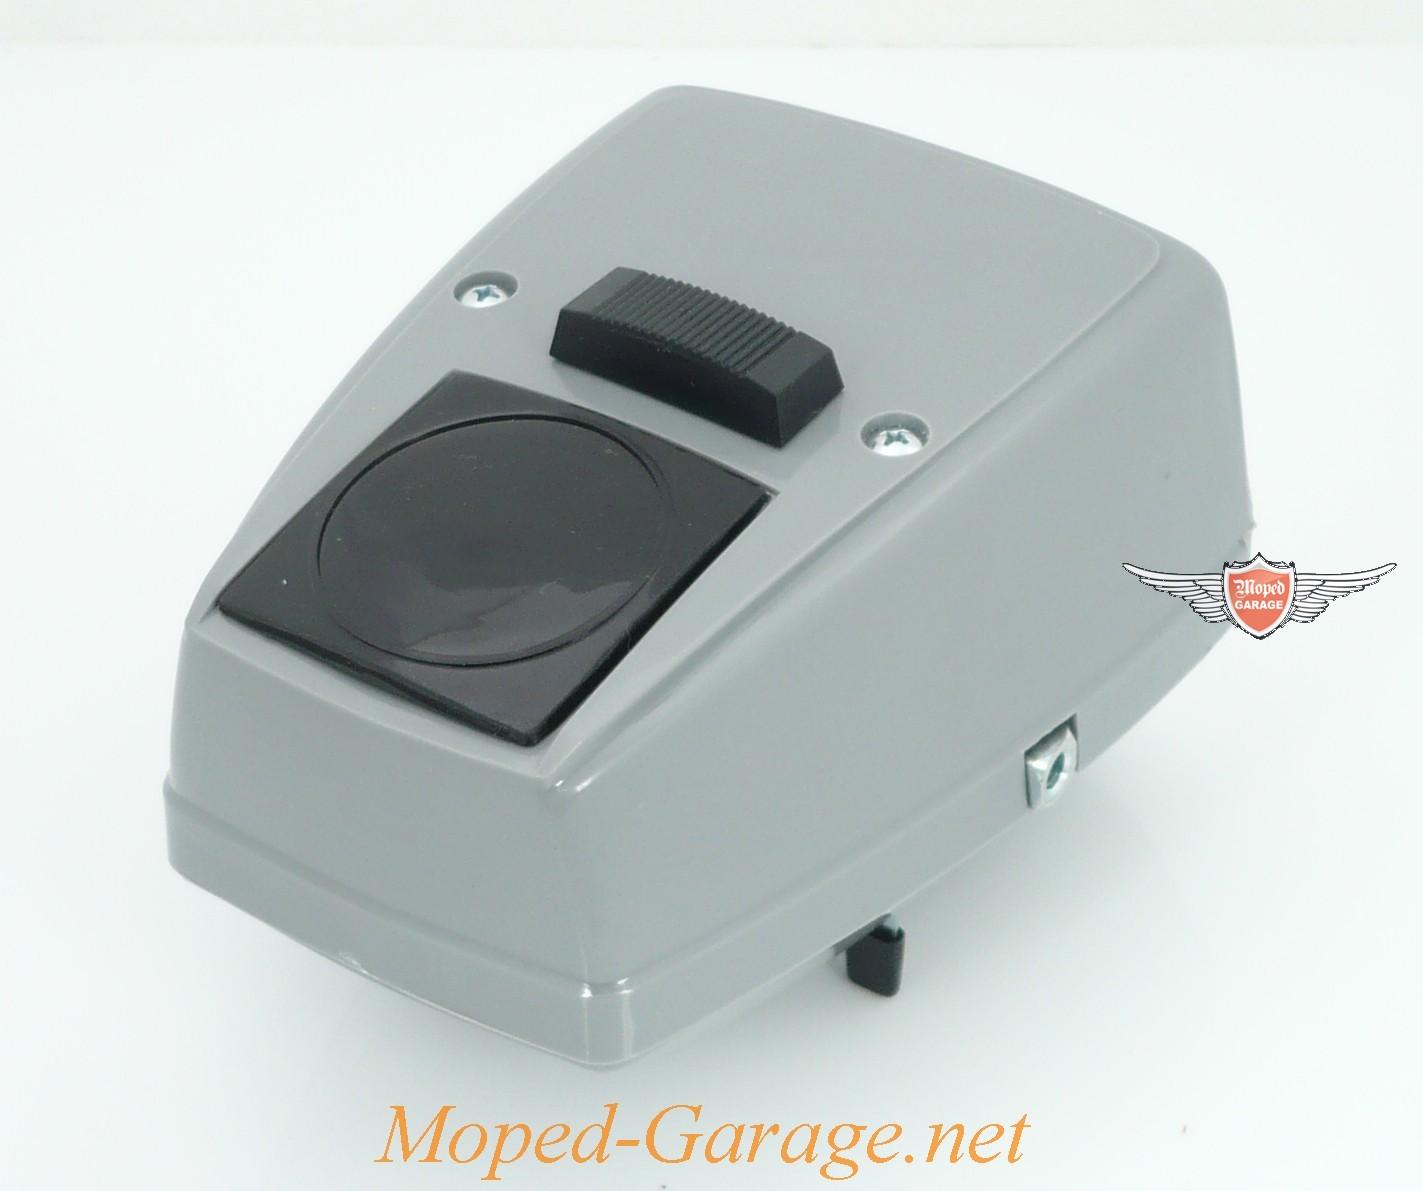 Moped Garage Net Mofa Moped Mokick Rechteck Scheinwerfer Grau Schalter Moped Teile Kaufen